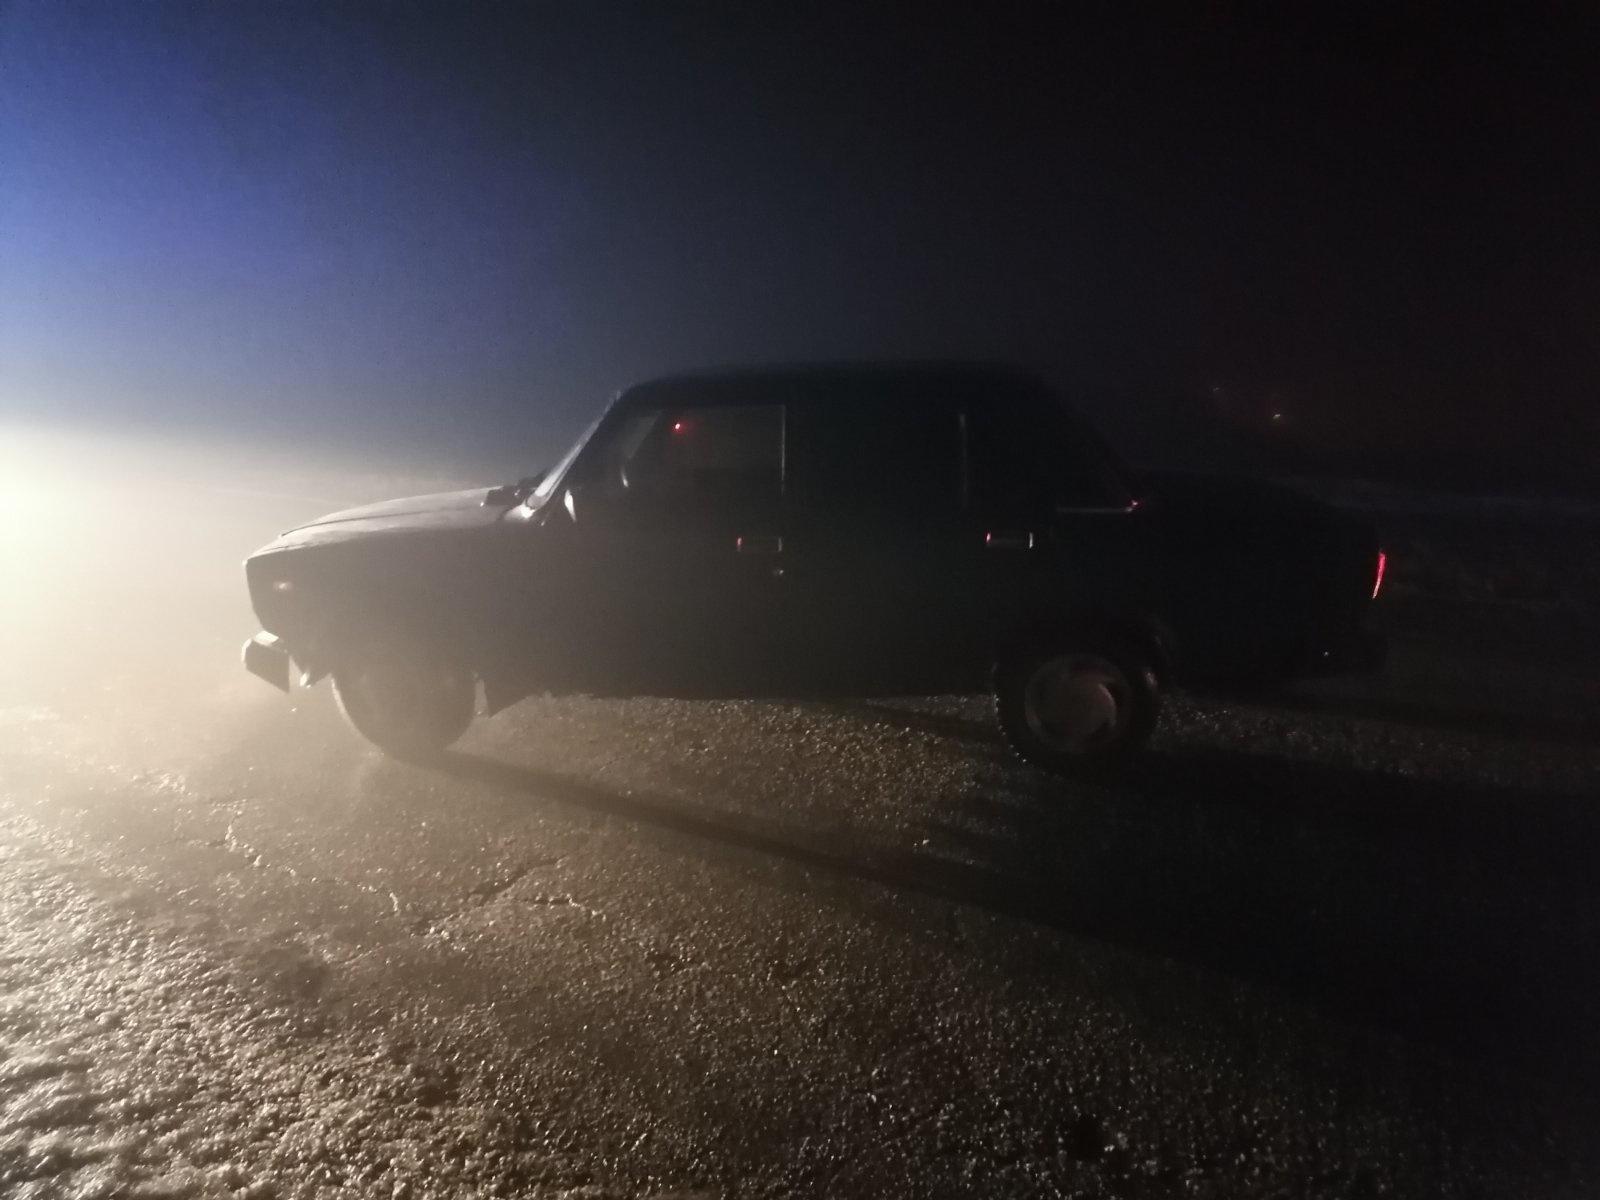 Спасатели МЧС России приняли участие в ликвидации ДТП в селе Курасовка Ивнянского района